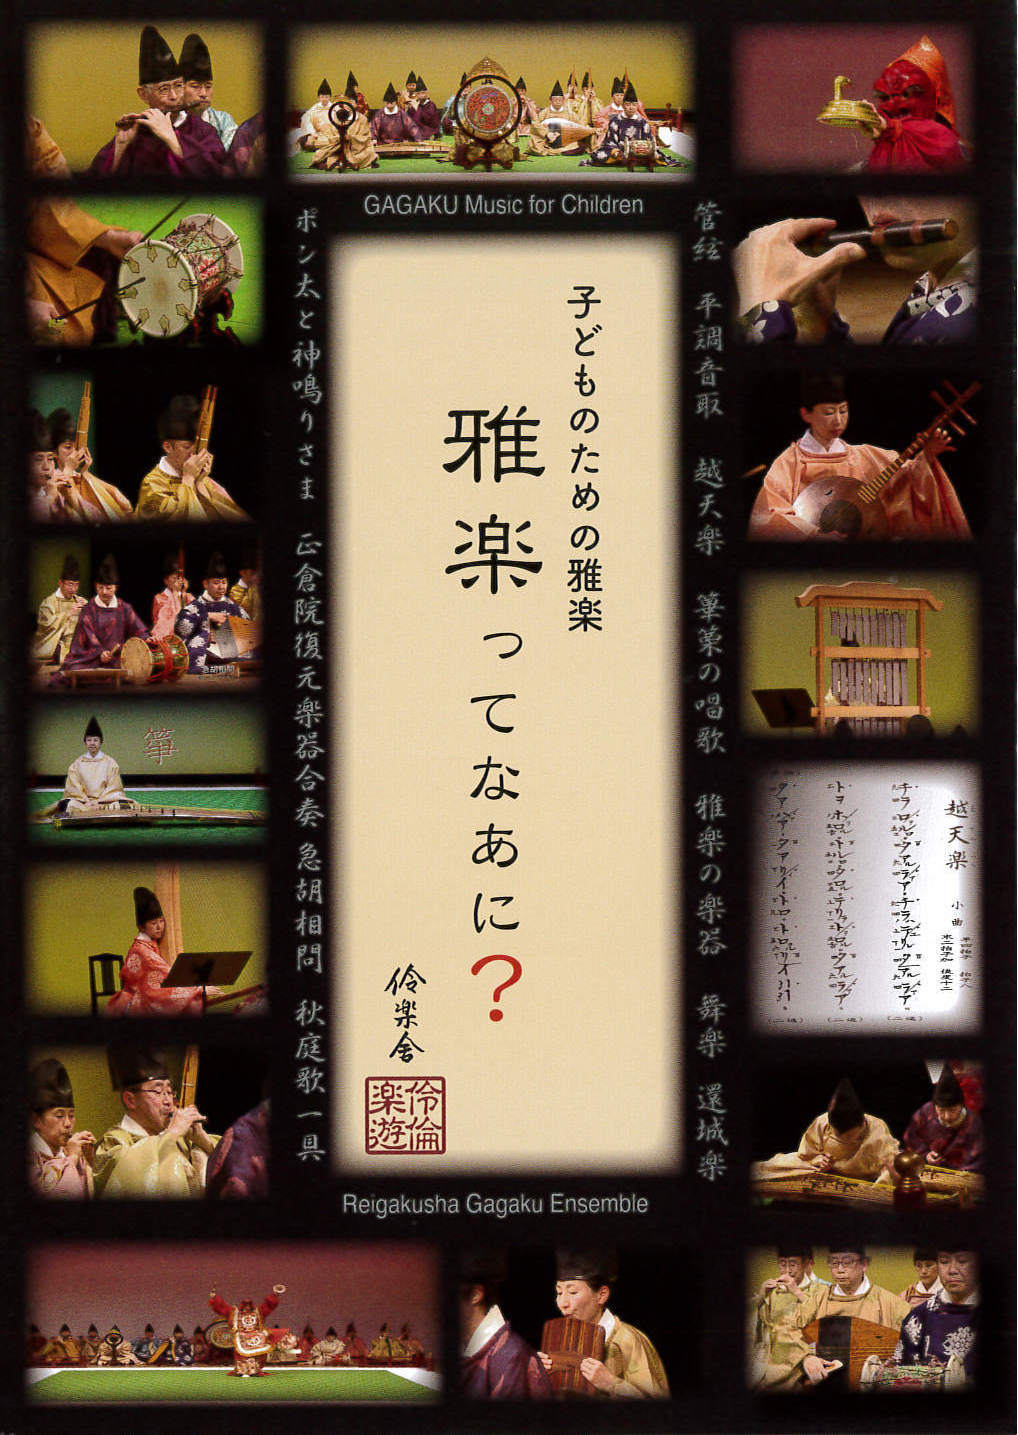 DVD 子どものための雅楽 雅楽ってなあに?[4158]